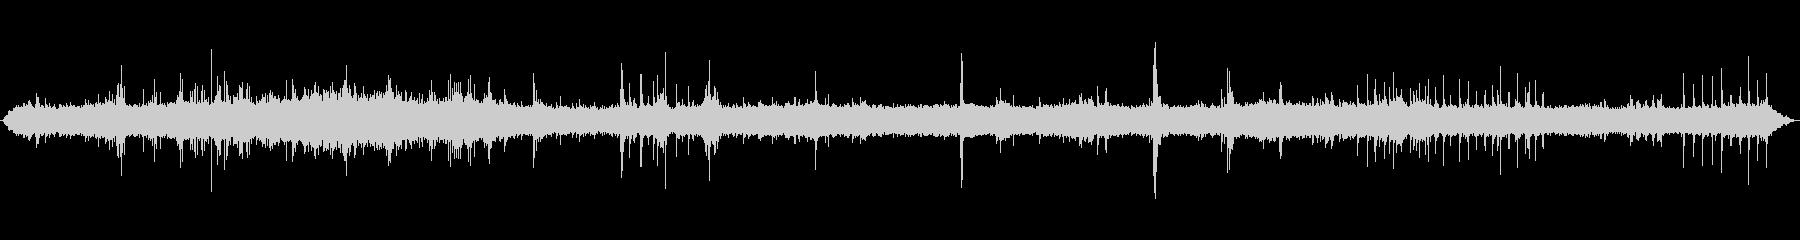 [生録音]都会のビルの屋上の環境音01の未再生の波形